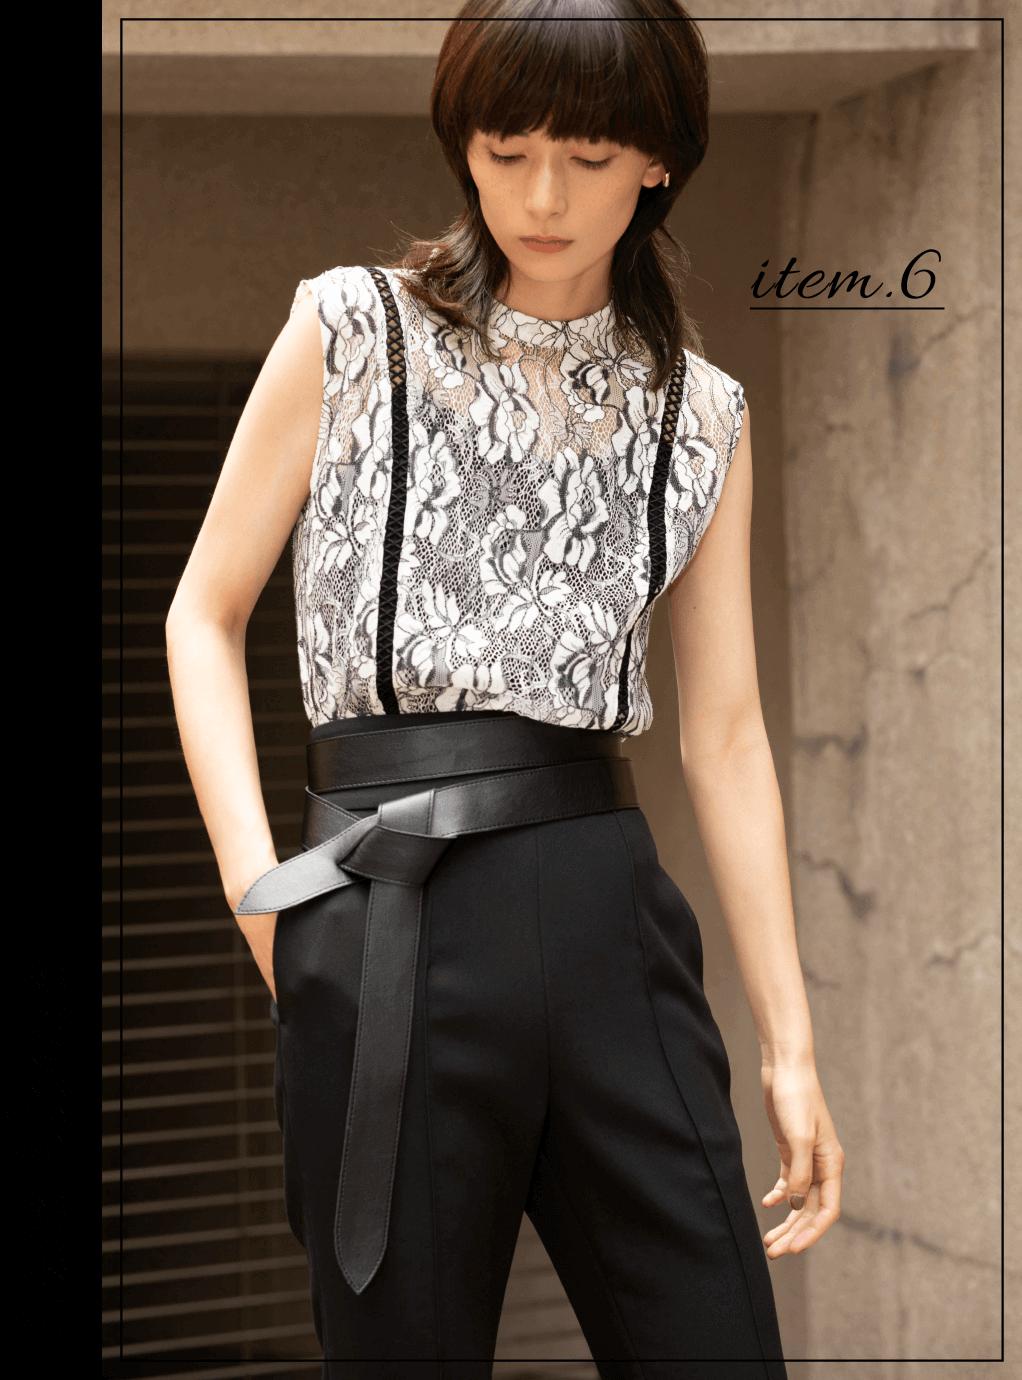 item.6 Lace blouse